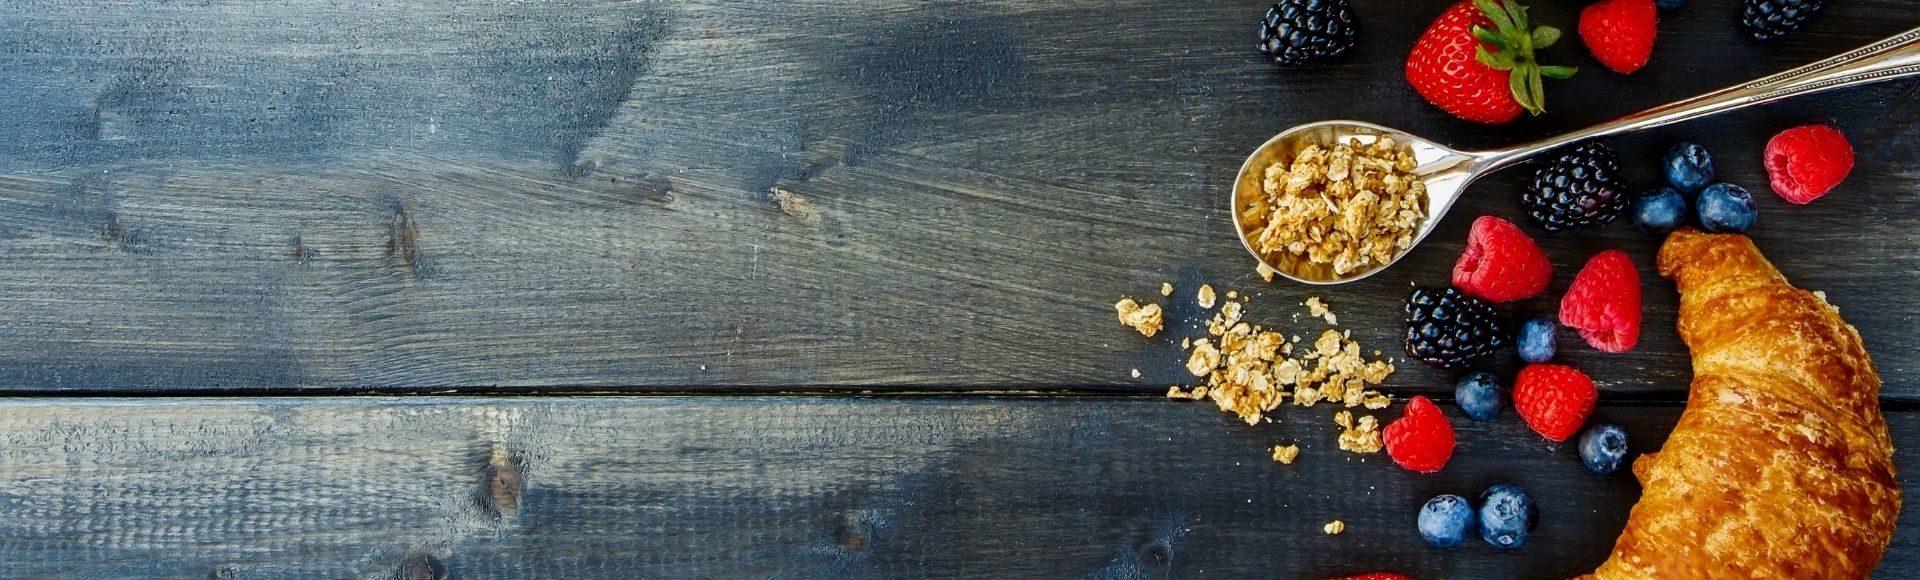 photo of breakfast foods